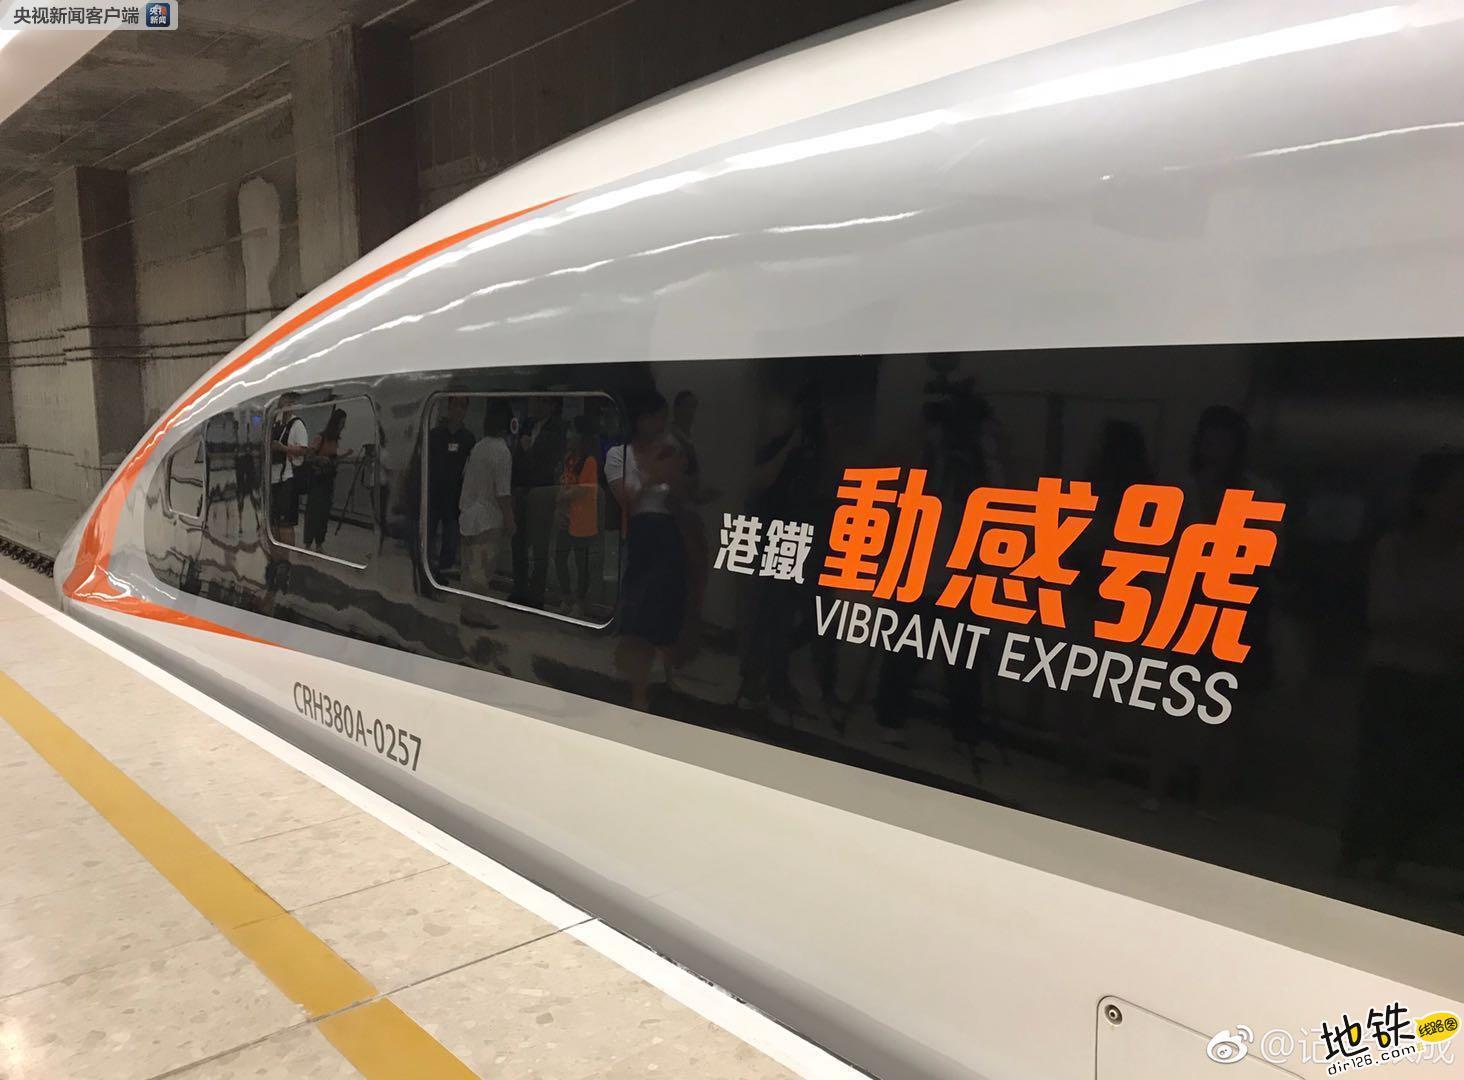 广深港高铁香港段已接载约88万人次乘客往来西九龙站 乘客 国庆 香港西九龙站 广深港高铁 轨道动态  第2张